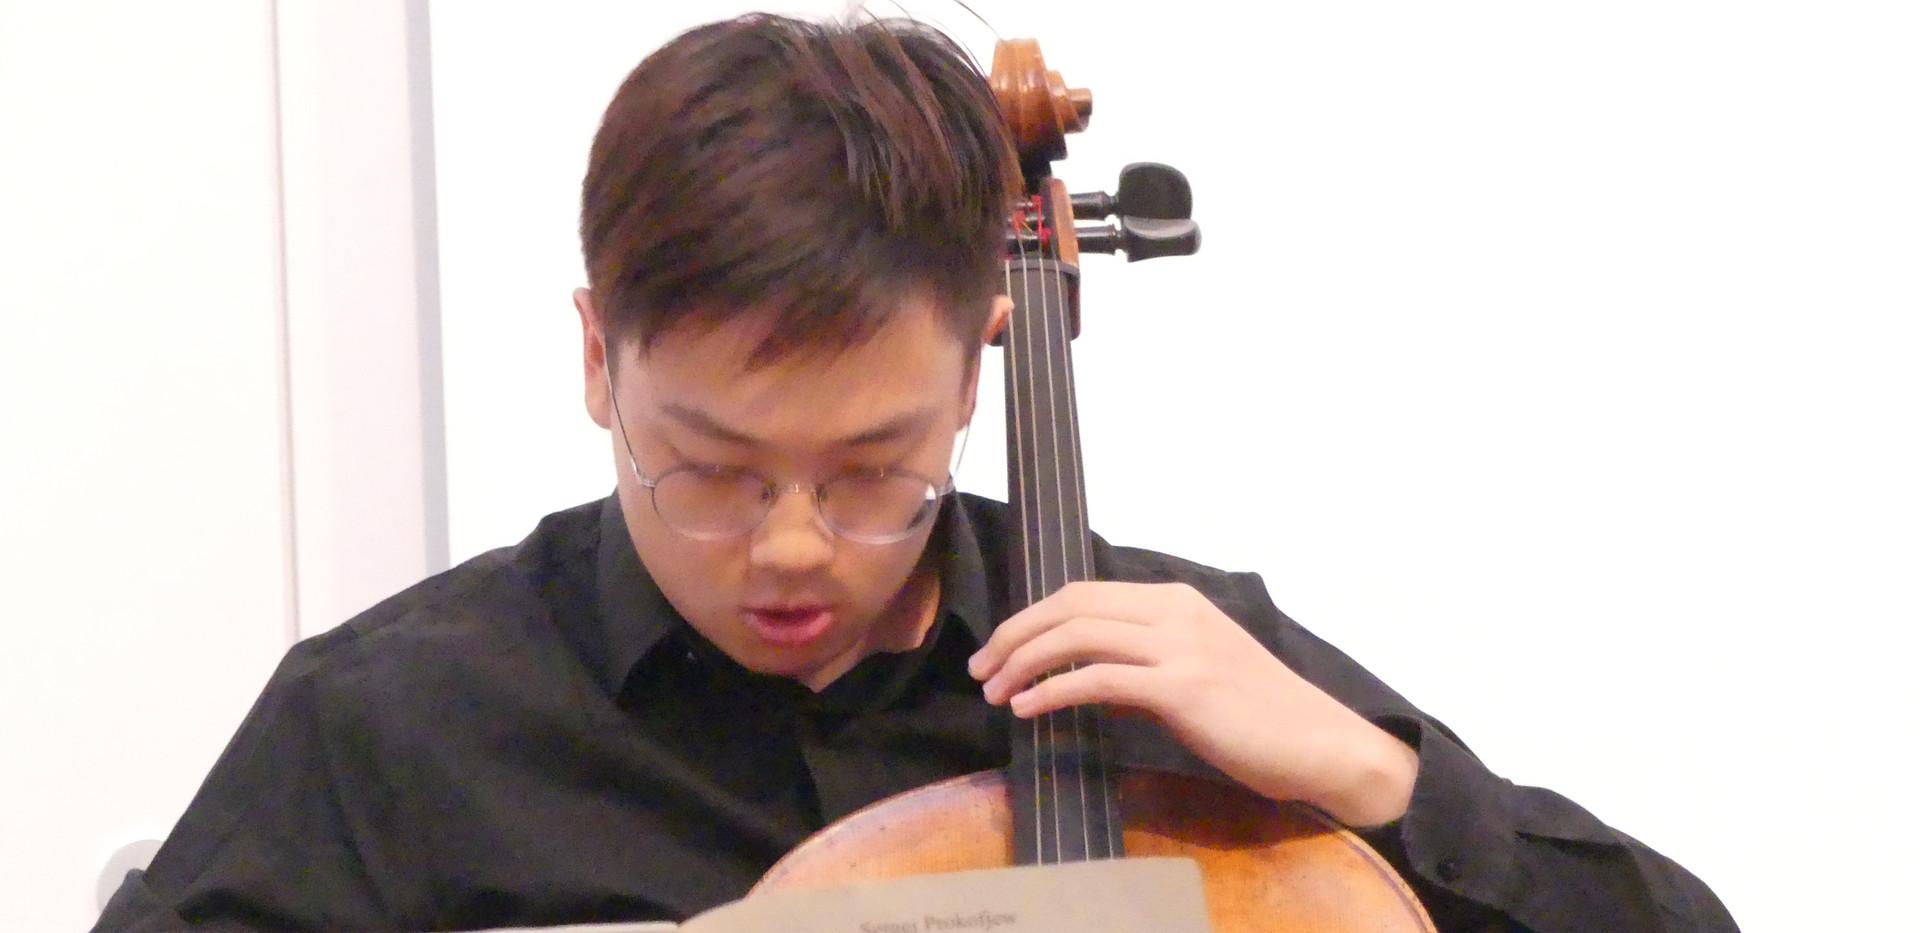 Xiaotang Xu